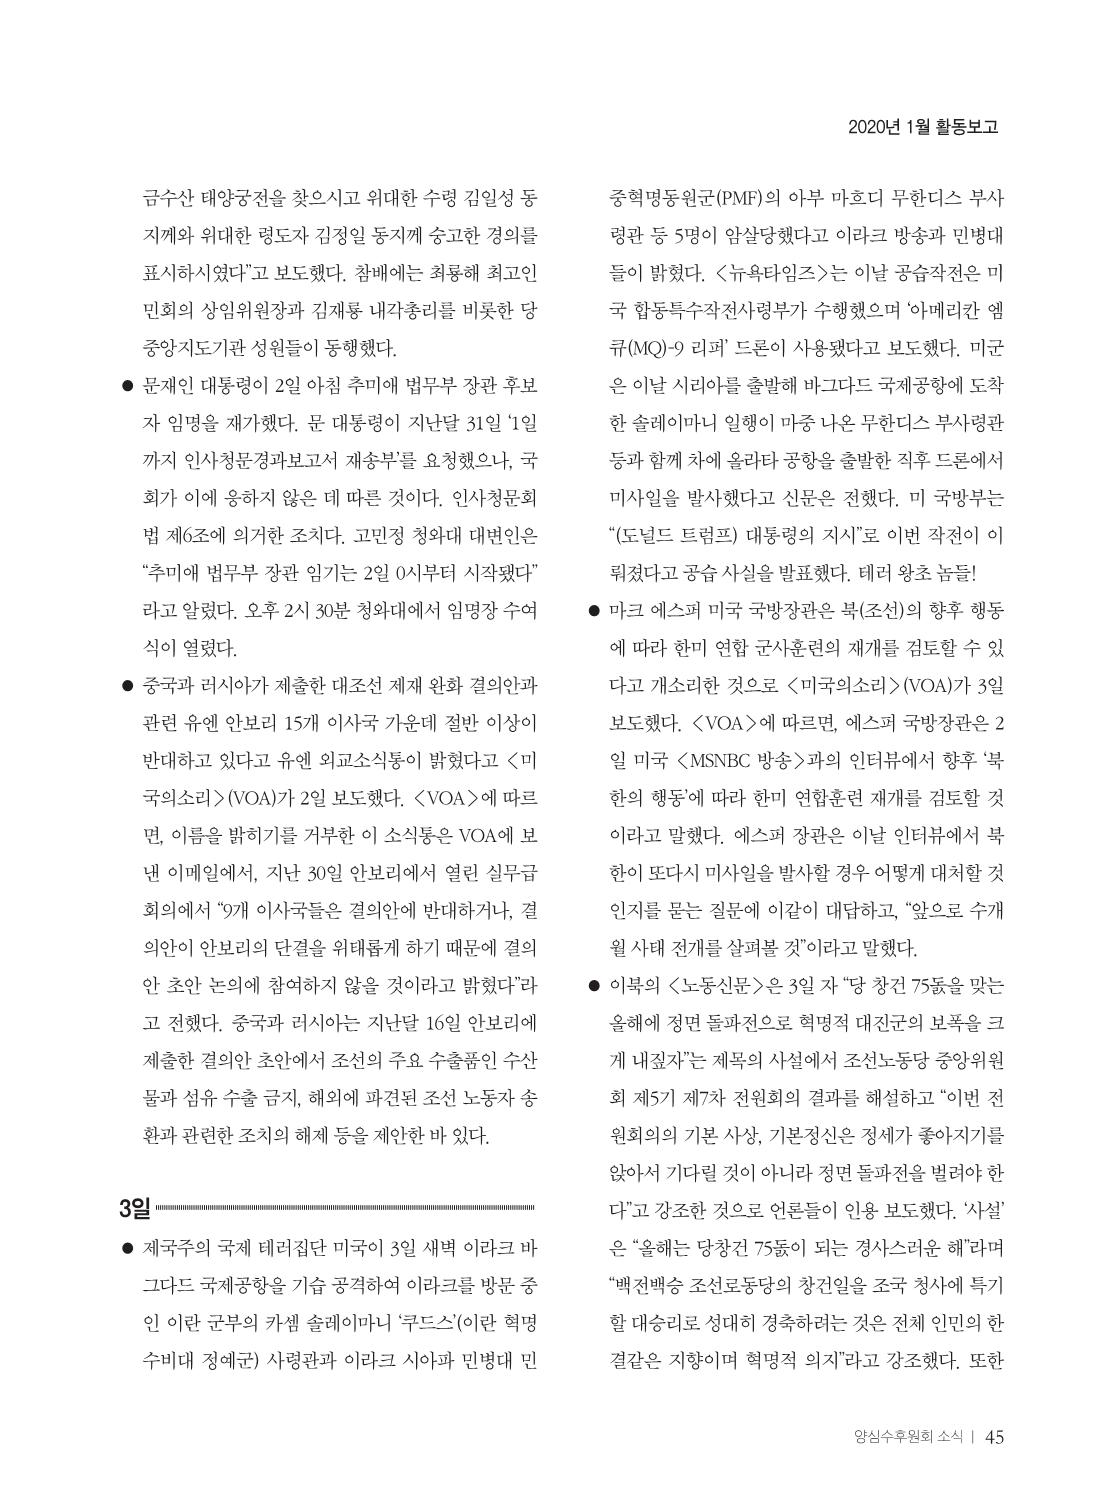 c3a550e7-2d95-46c0-bdec-64c56104ebf4.pdf-0047.png